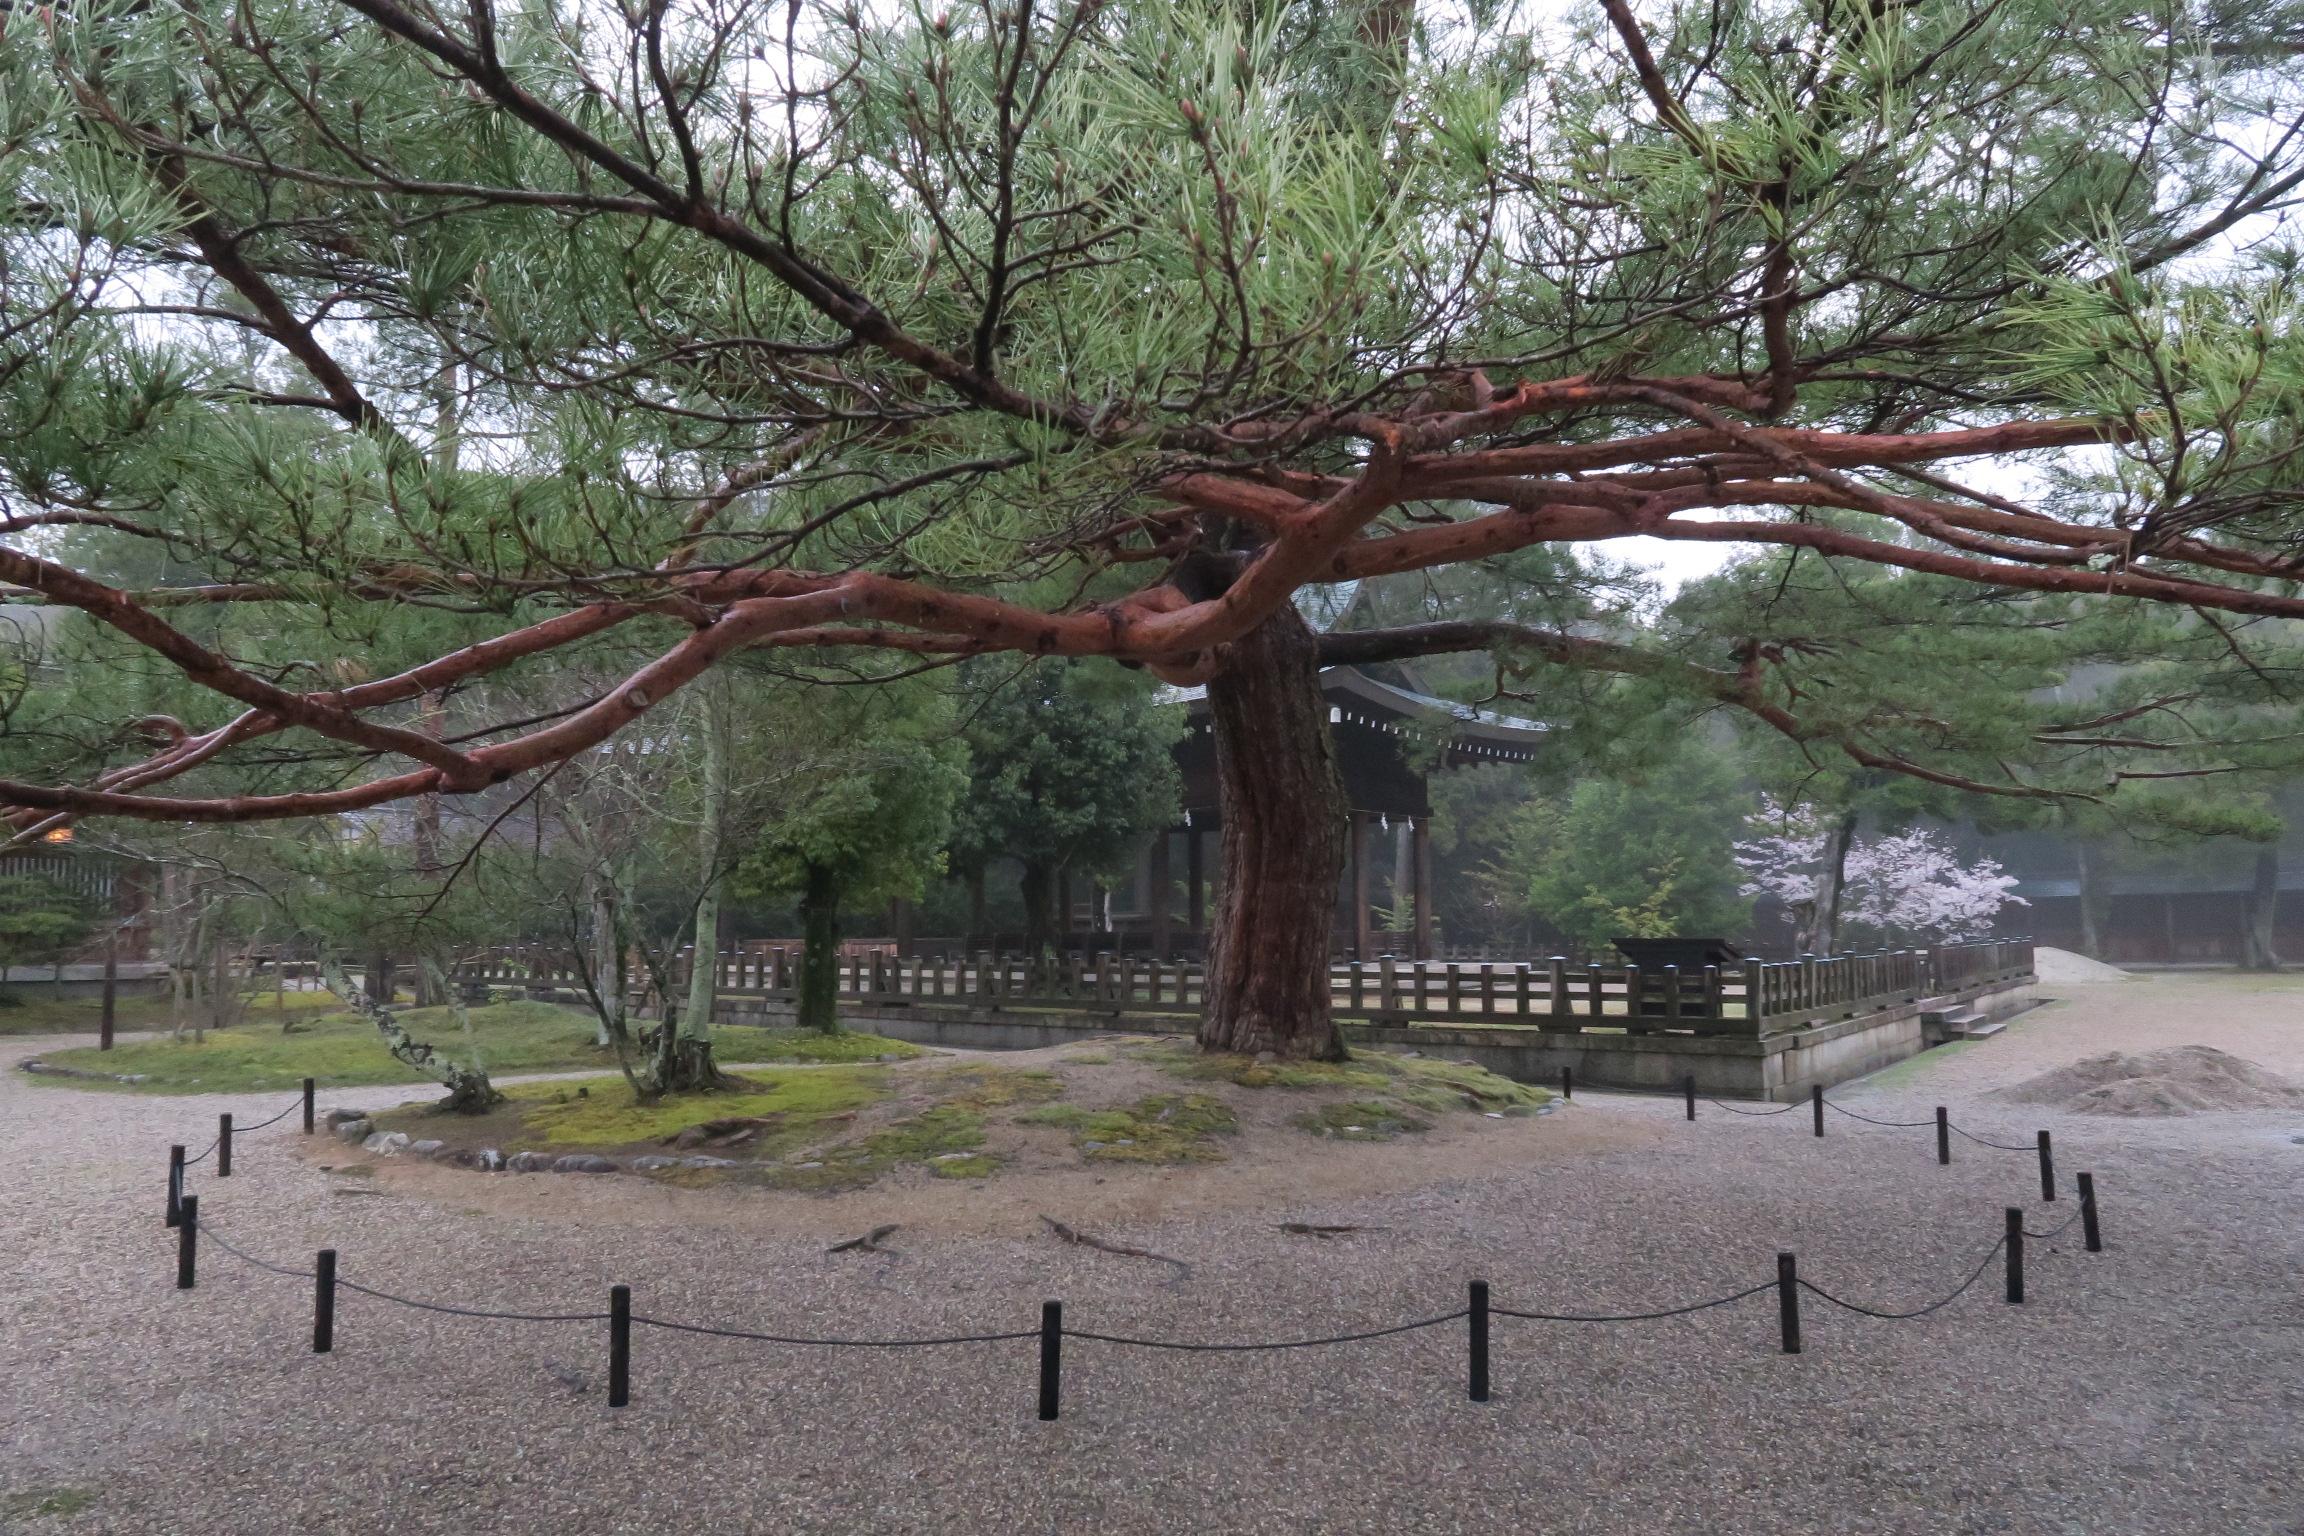 土間殿の横には、立派な松の木があります。